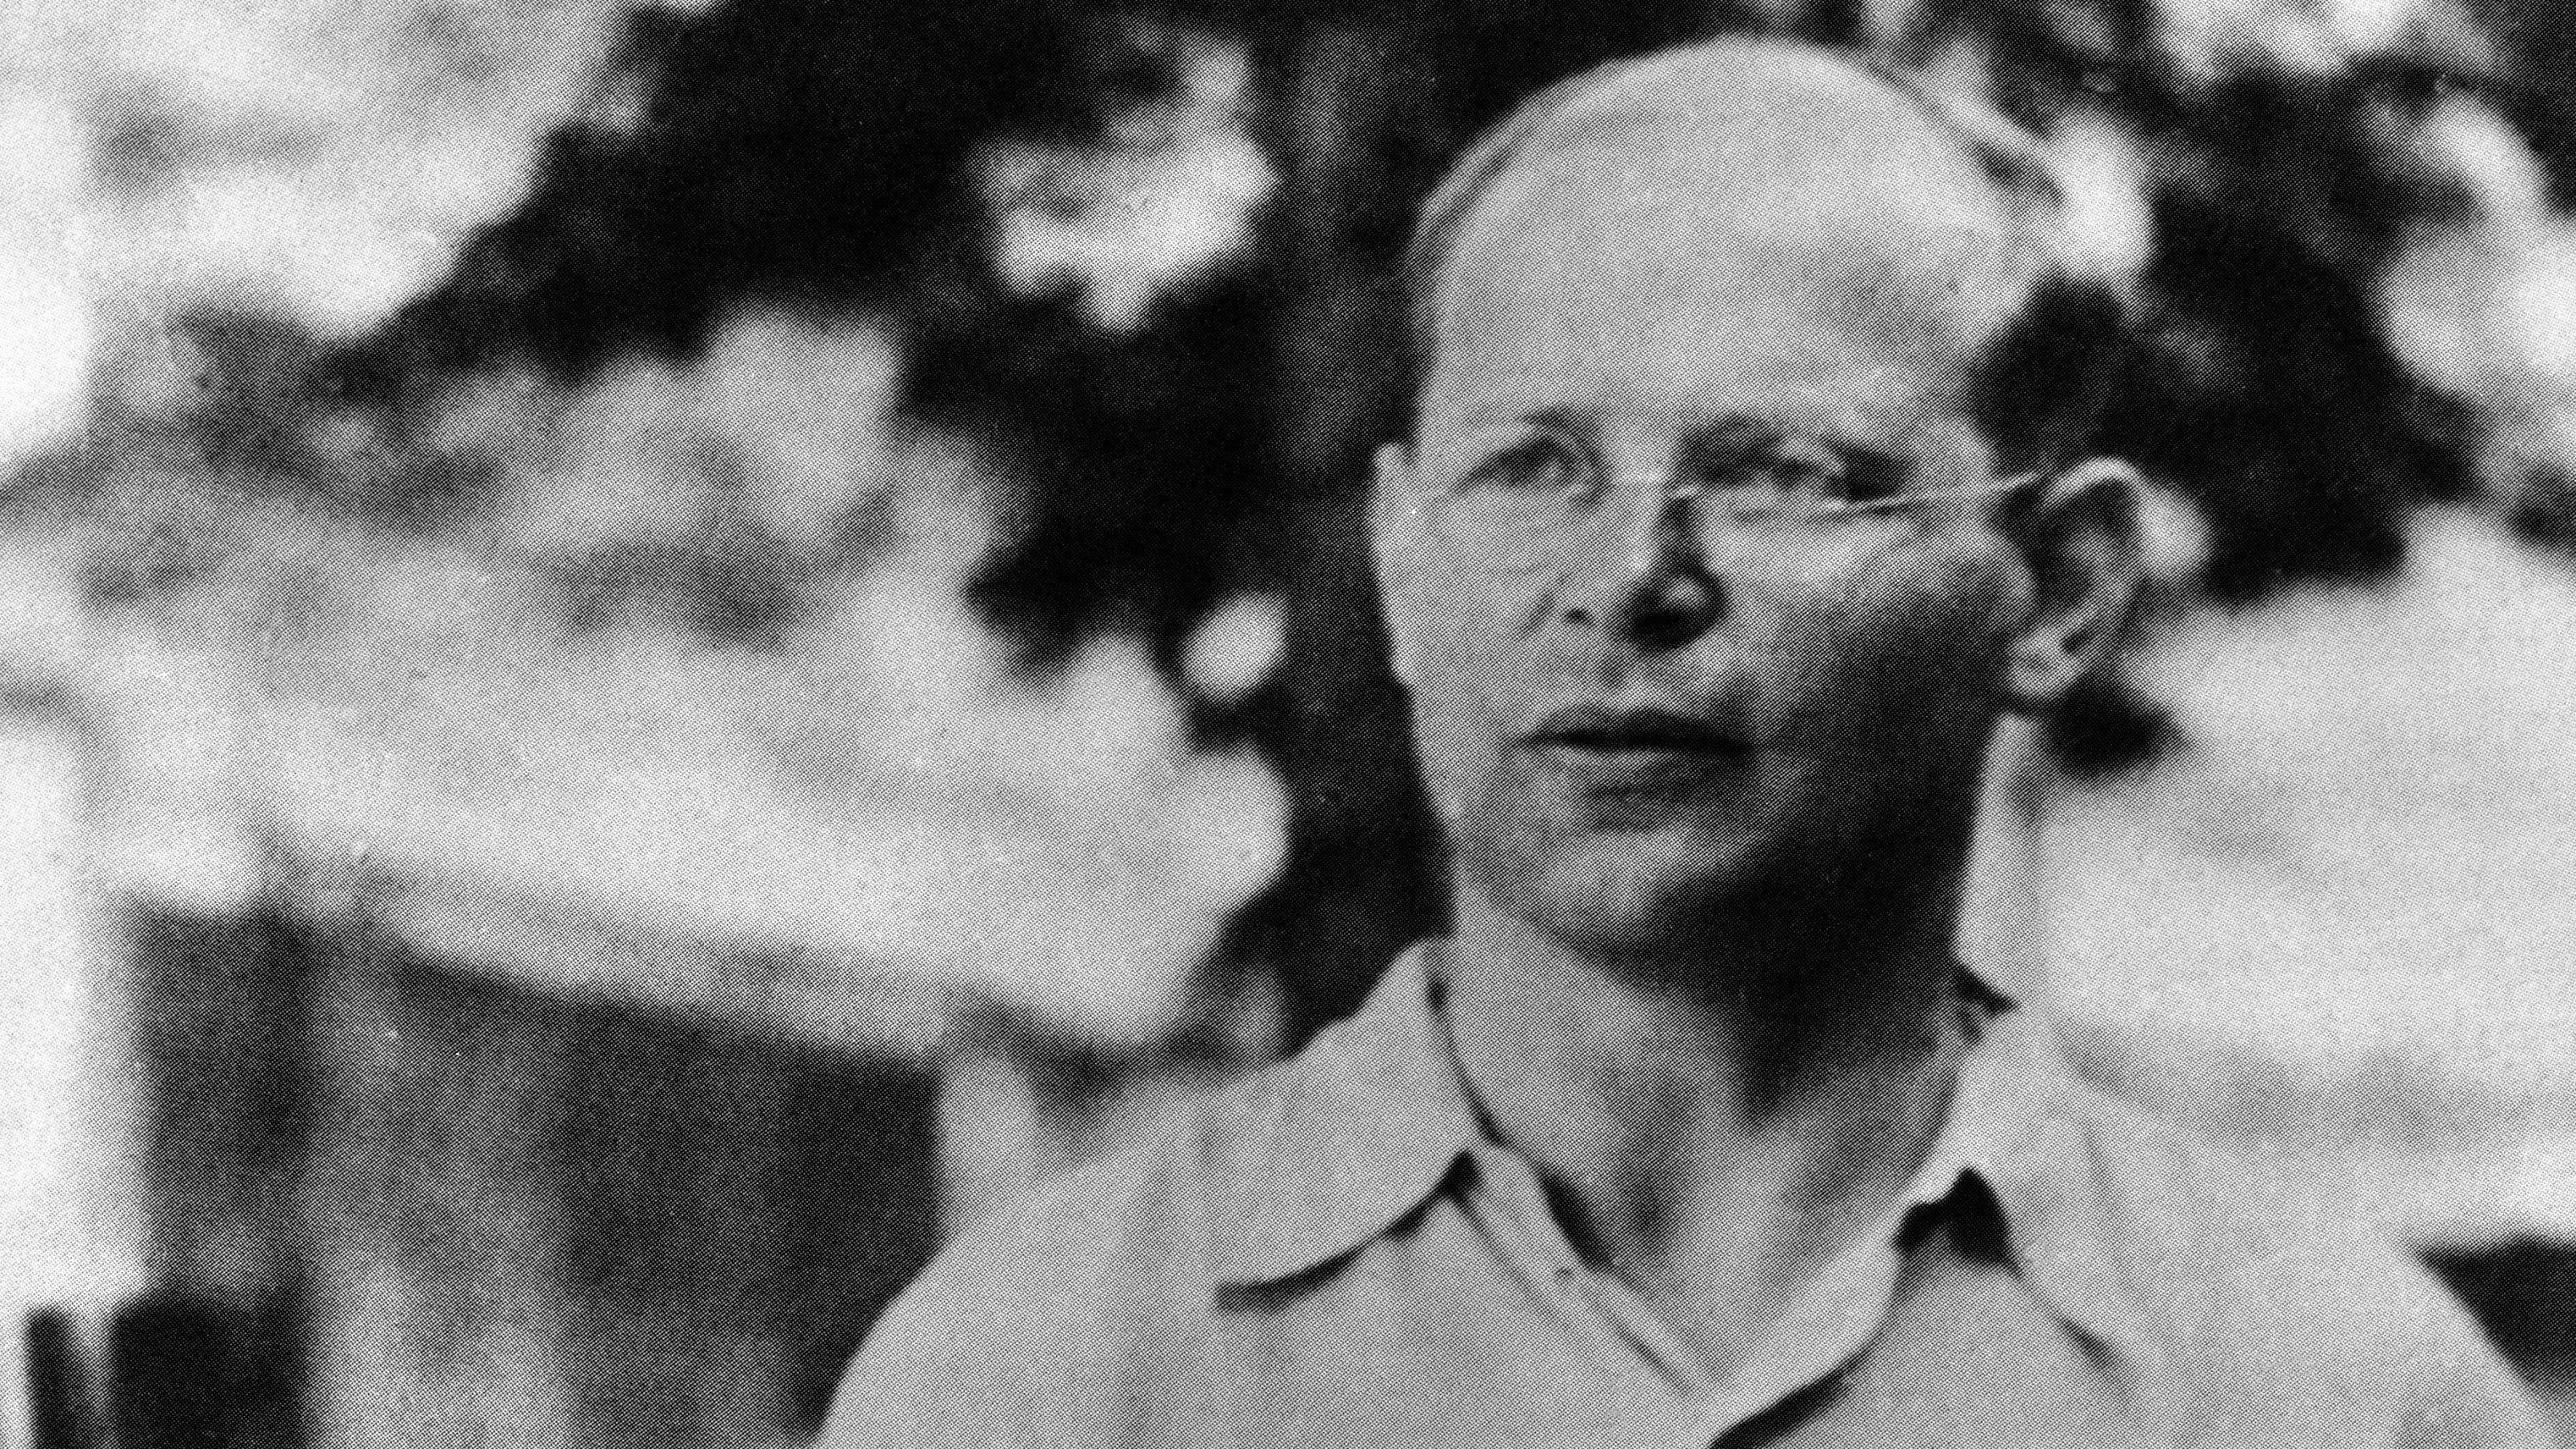 Ein Porträt des Theologen und Widerstandskämpfers Dietrich Bonhoeffer